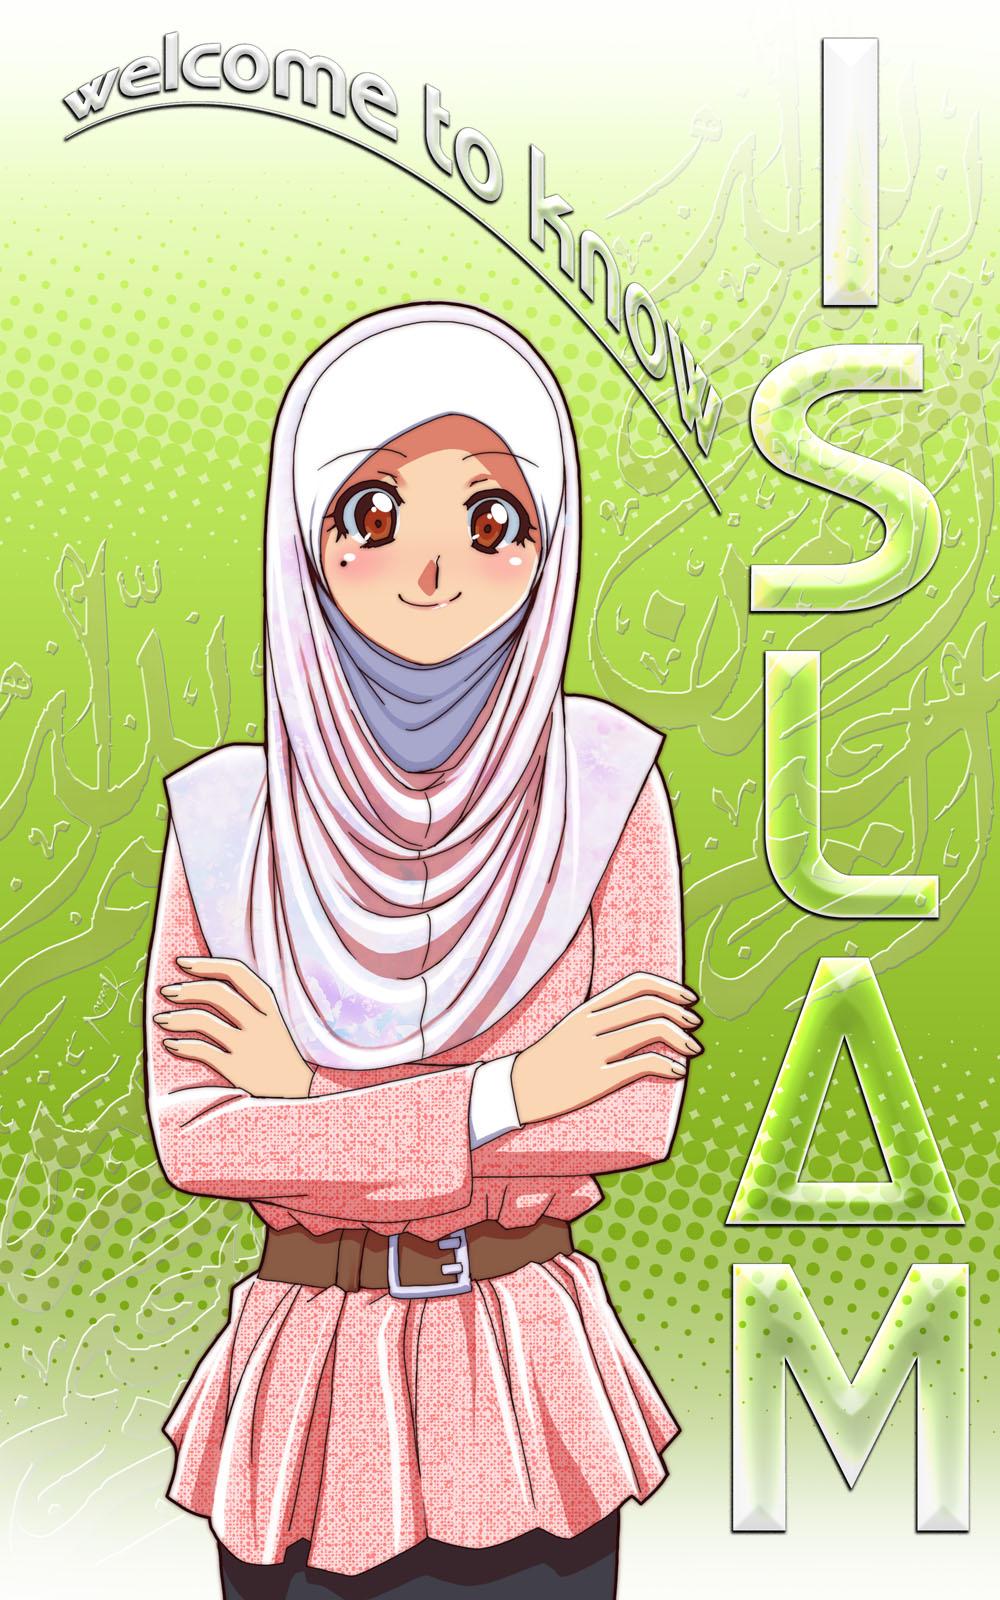 Cute Muslim Girl Cartoon Wallpaper Jpg 1000x1600